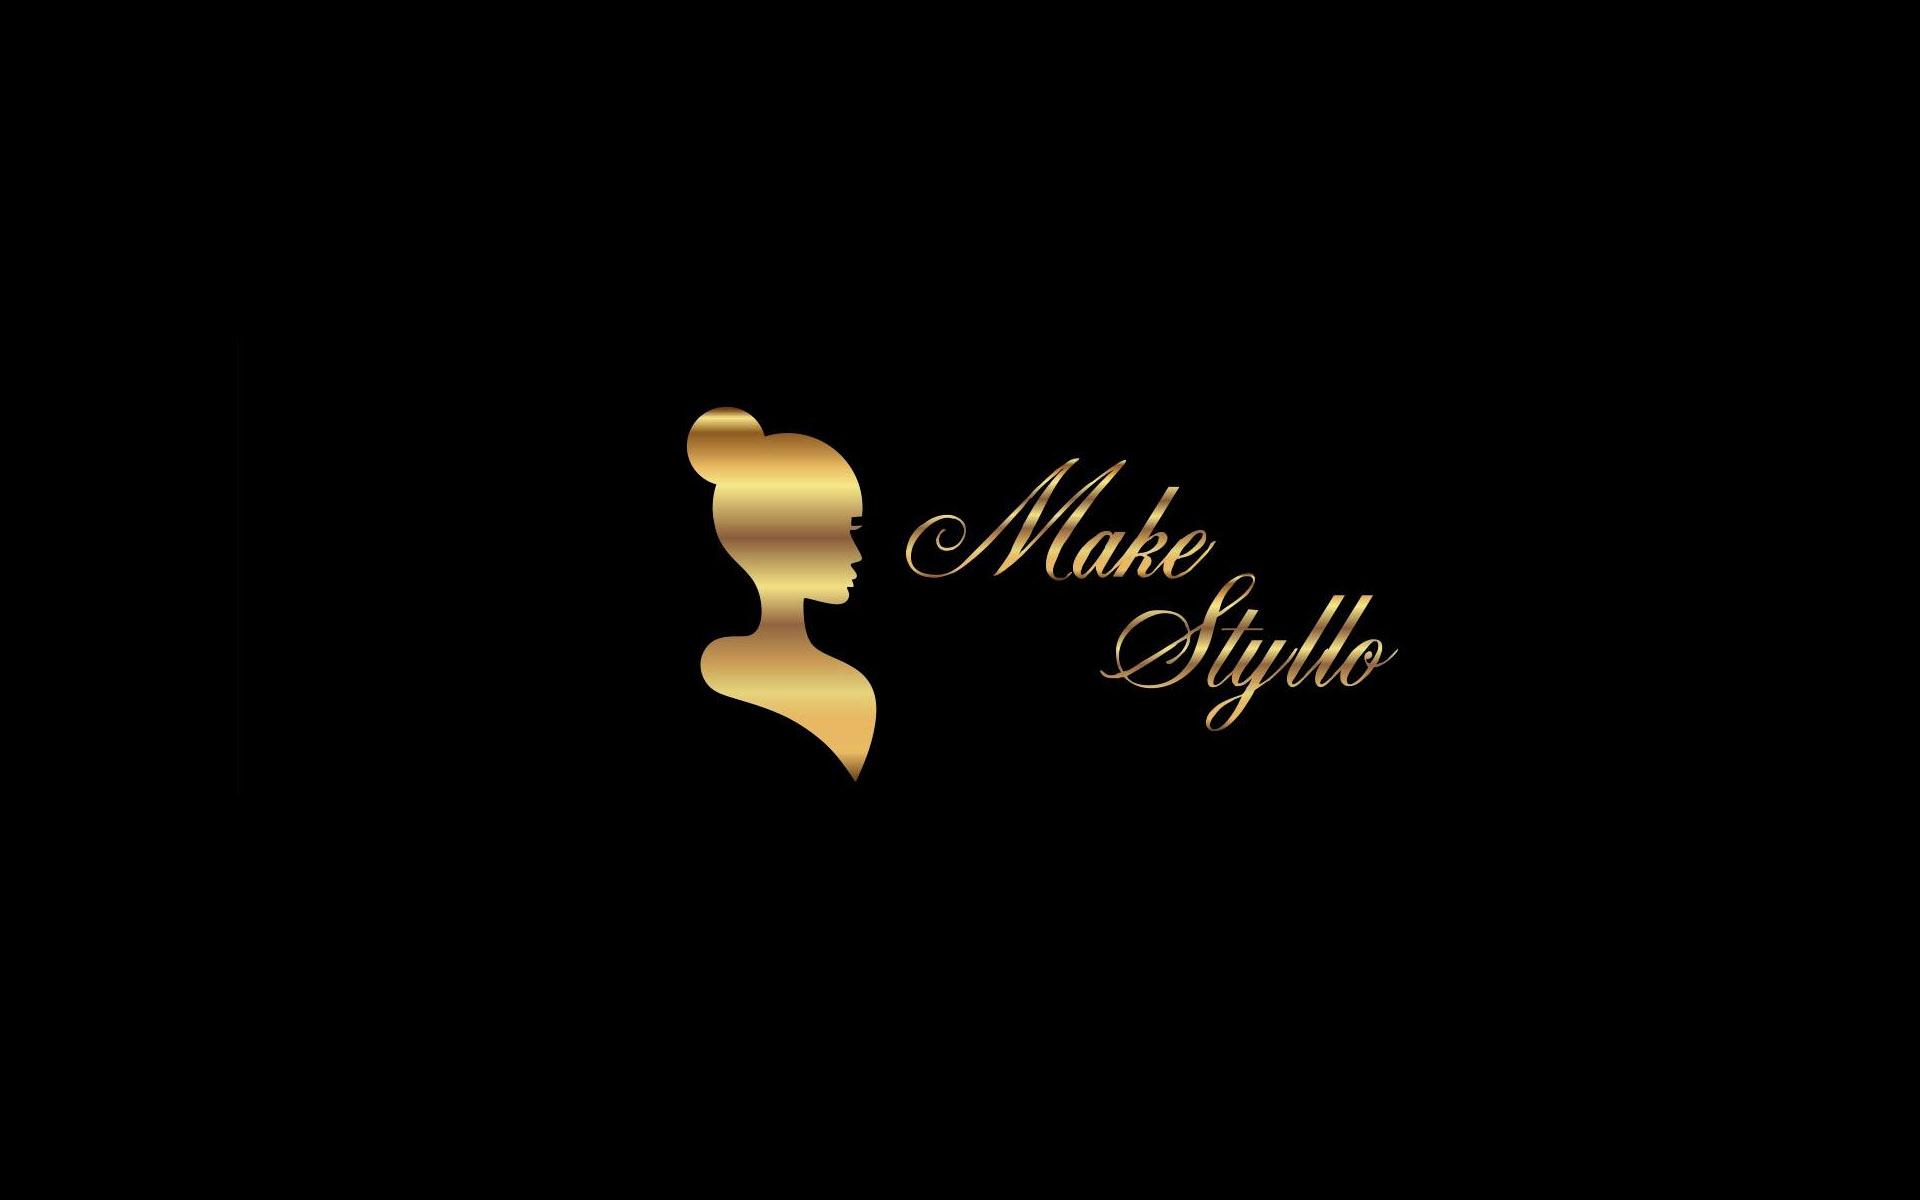 Antes make stillo Make Stillo 16 5 1